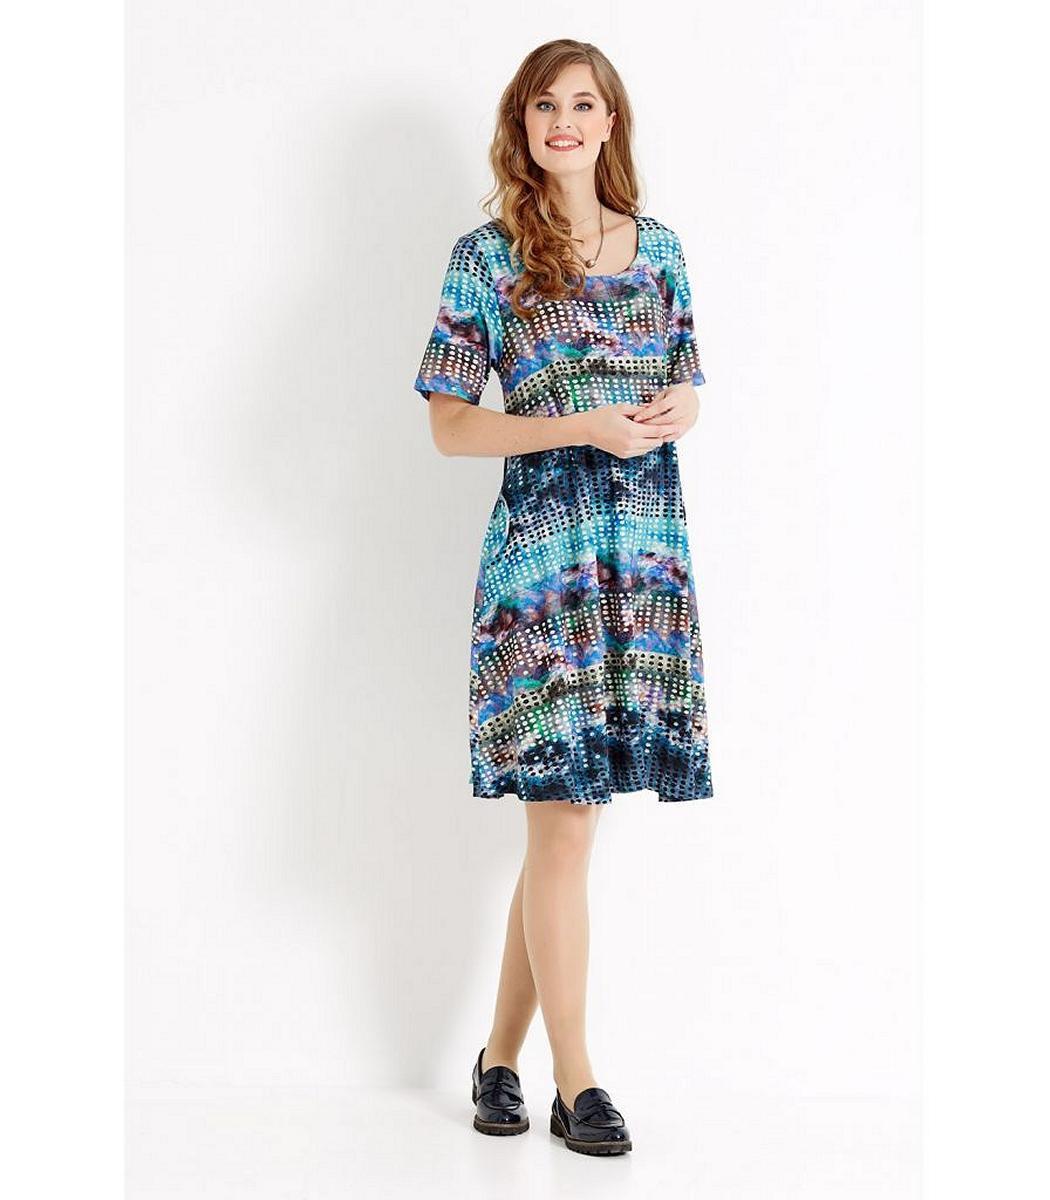 Sommerkleid Damen Alinie Große Größen Knielang Blau Kurzarm